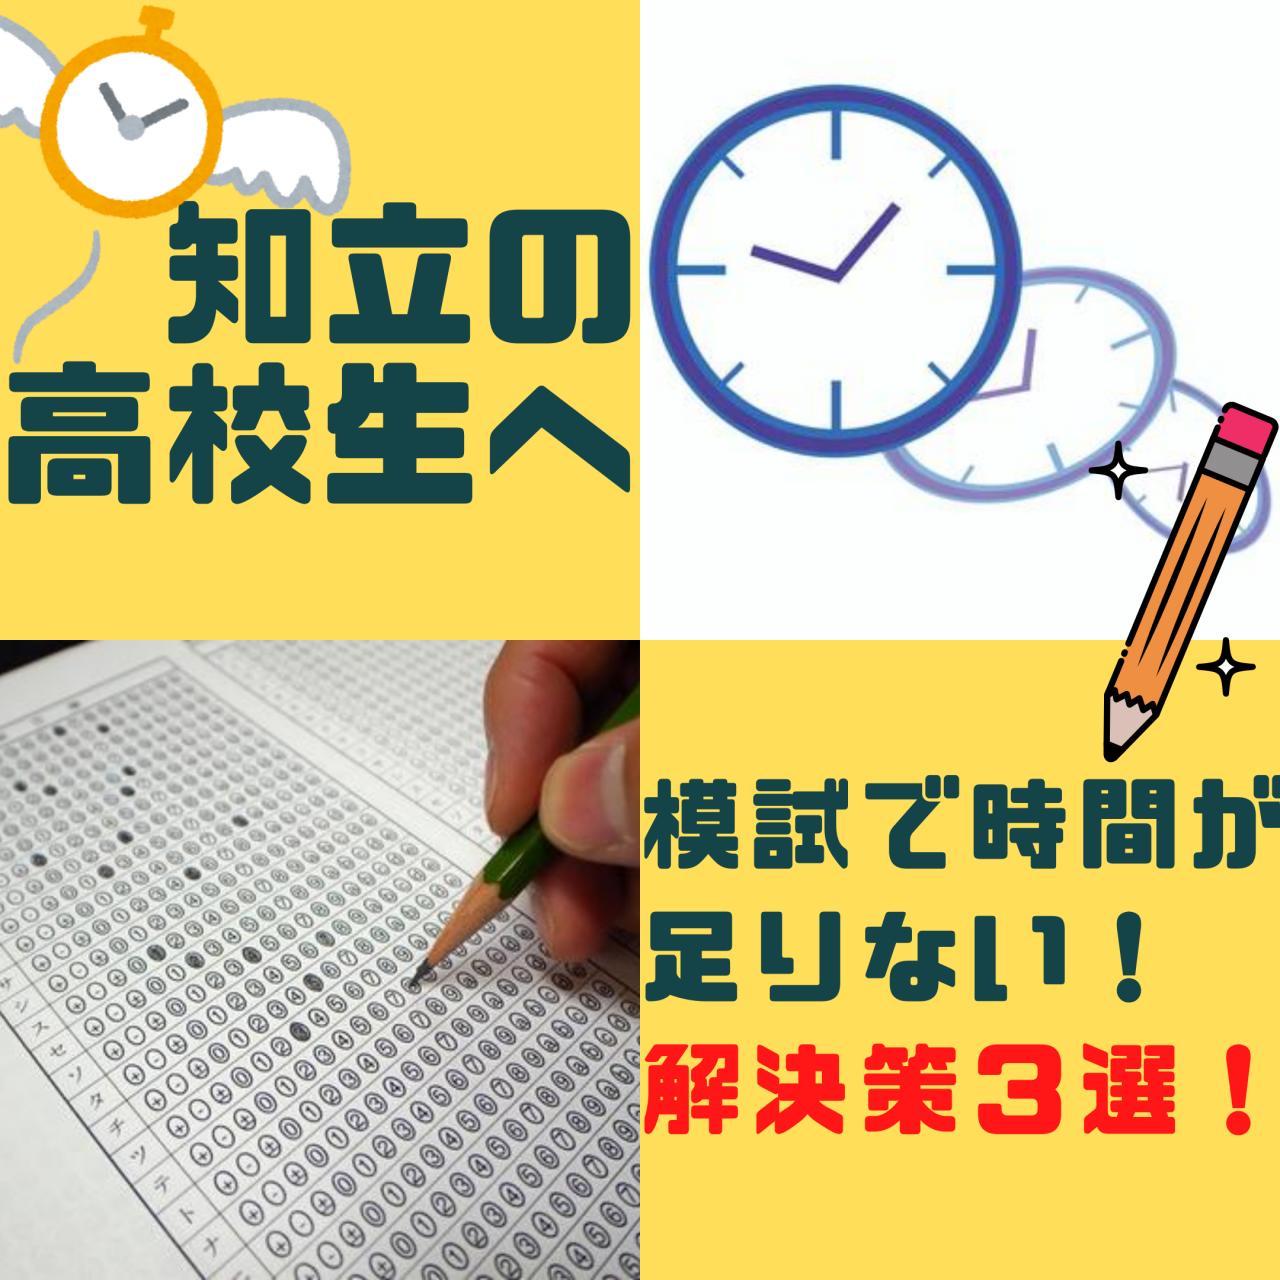 【知立の高校生へ】模試で時間が足りない!解決策3選!